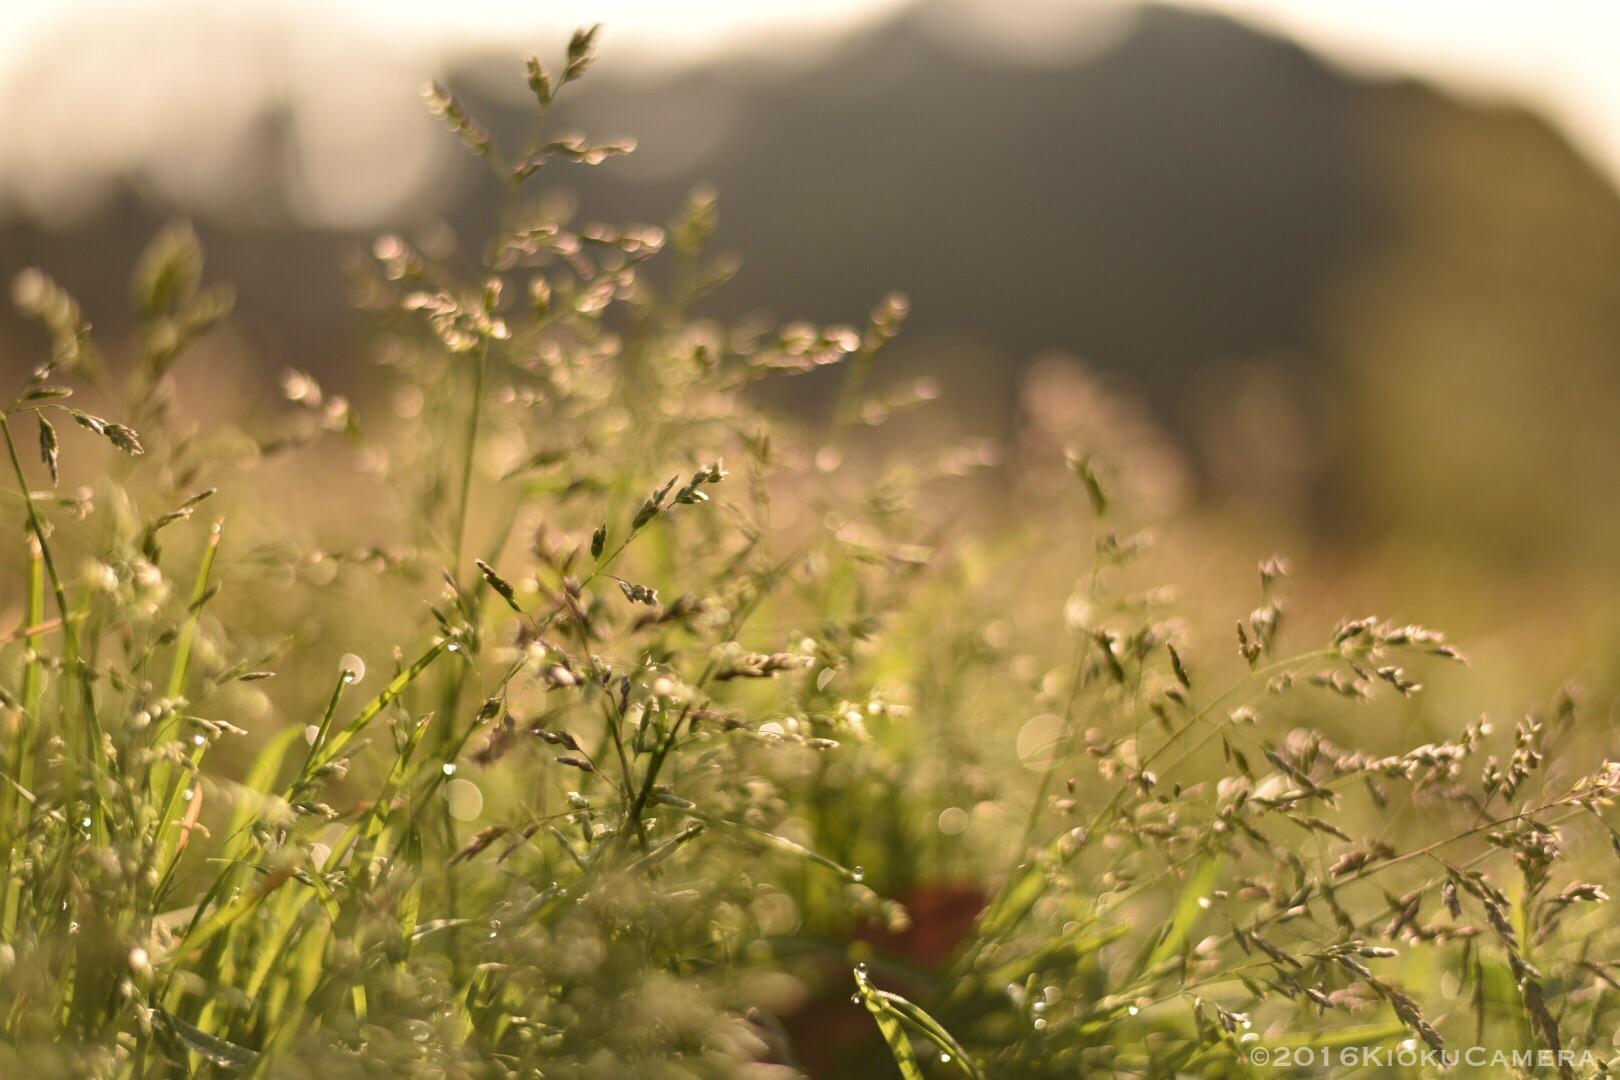 できれば風の音を撮りたい、みたいなのはある。